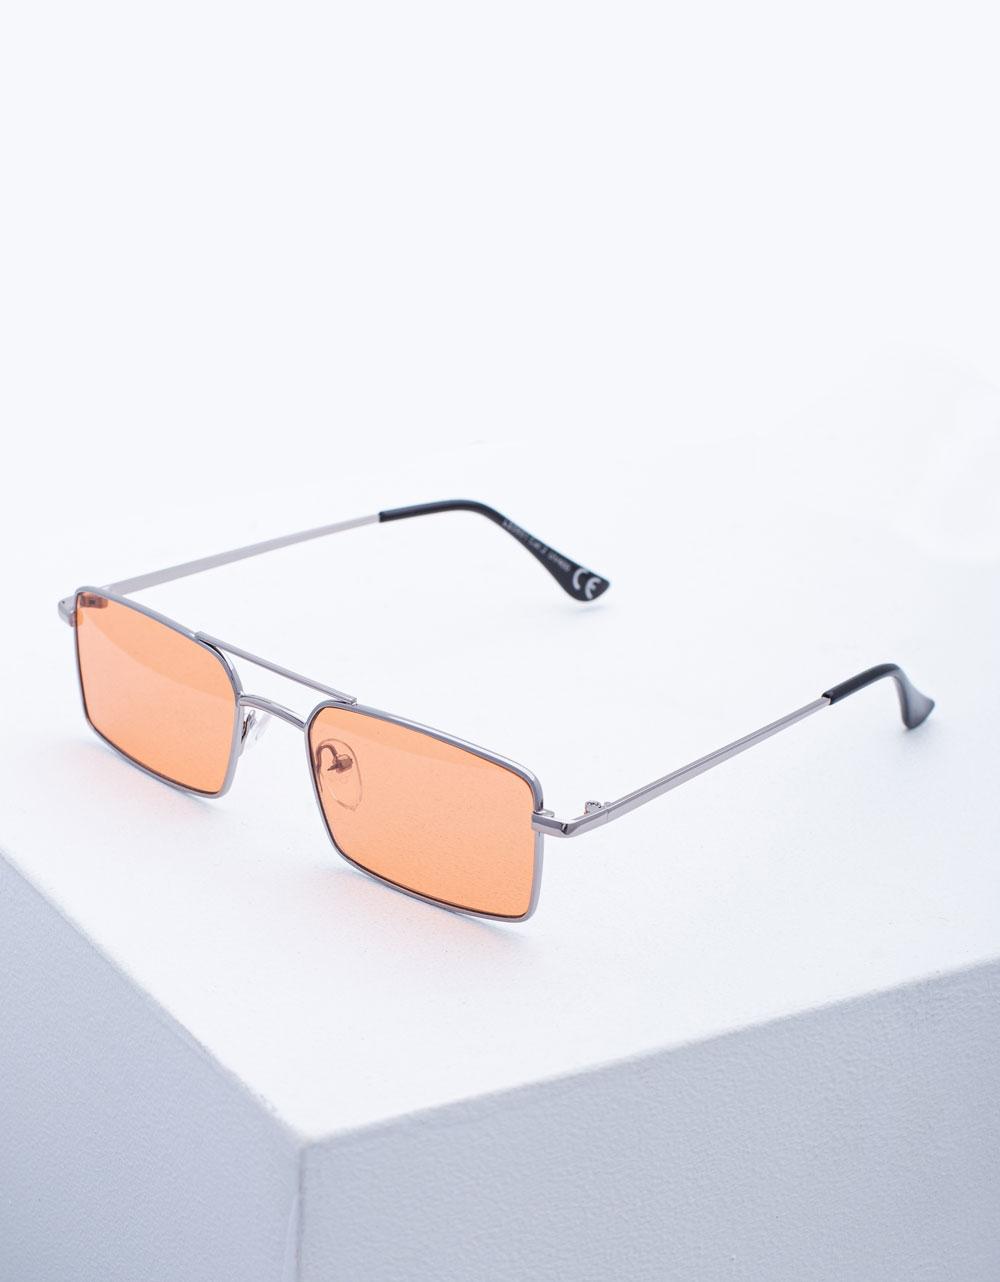 Εικόνα από Γυναικεία γυαλιά ηλίου με λεπτό σκελετό Σομόν